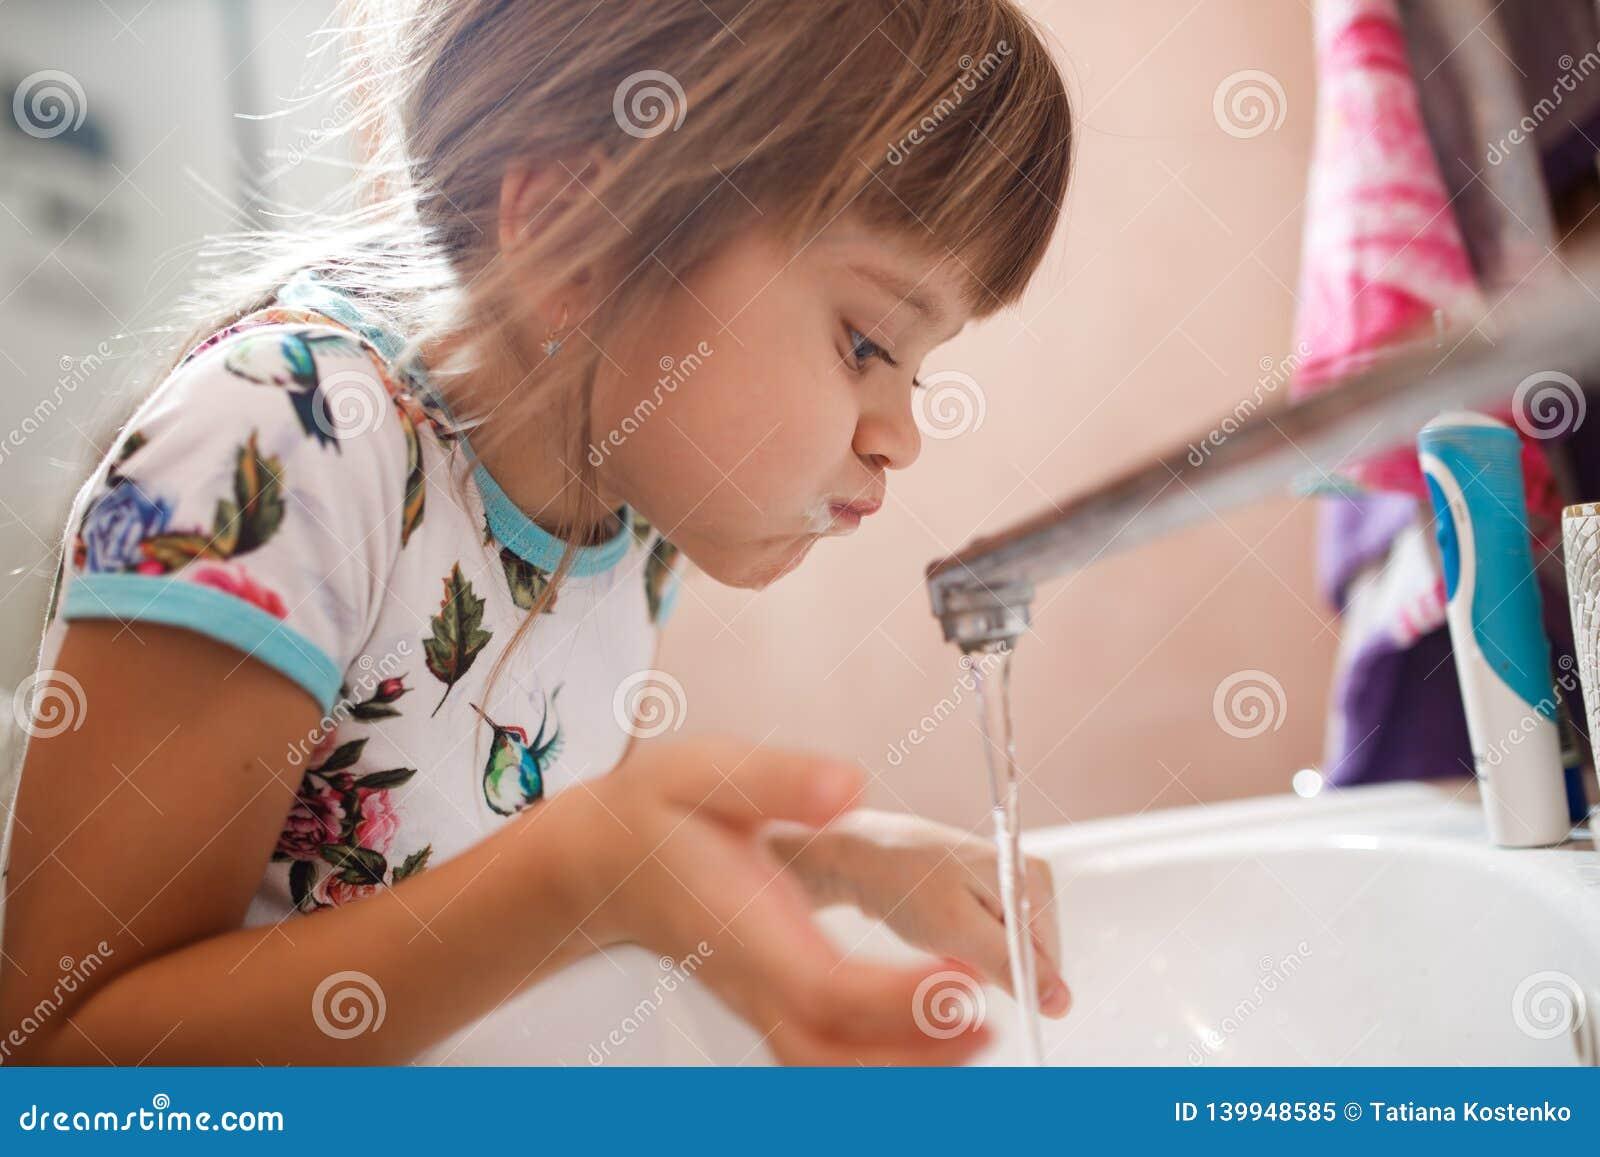 A menina enxágua sua boca com água após ter escovado seus dentes no banheiro